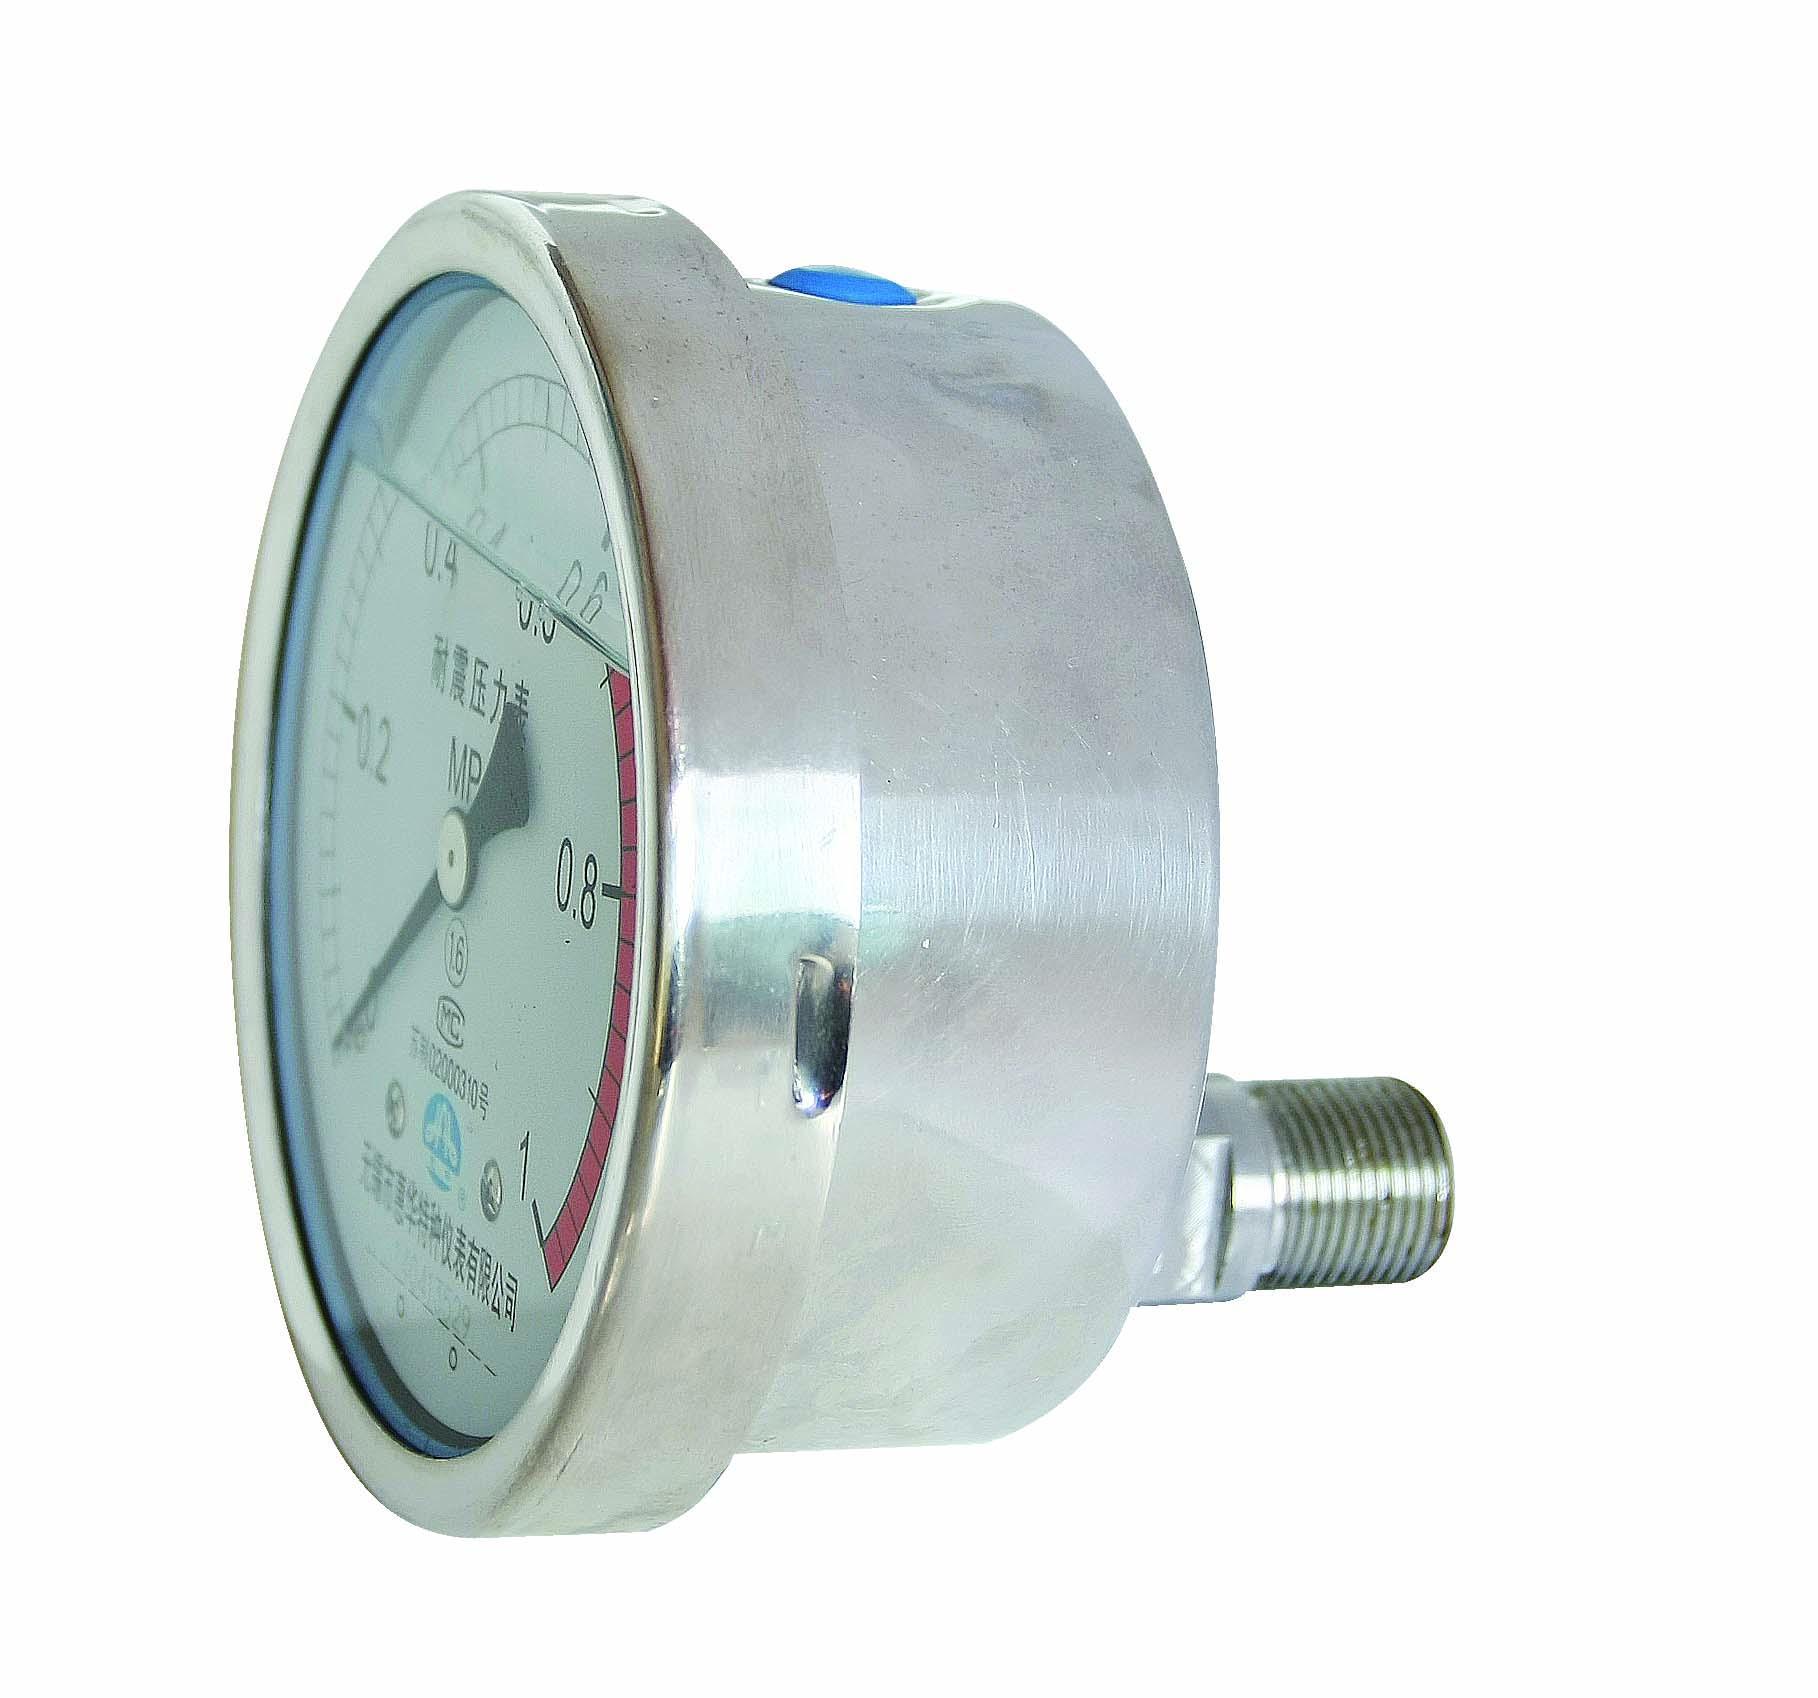 不鏽鋼耐震壓力表 耐震不鏽鋼壓力表 6